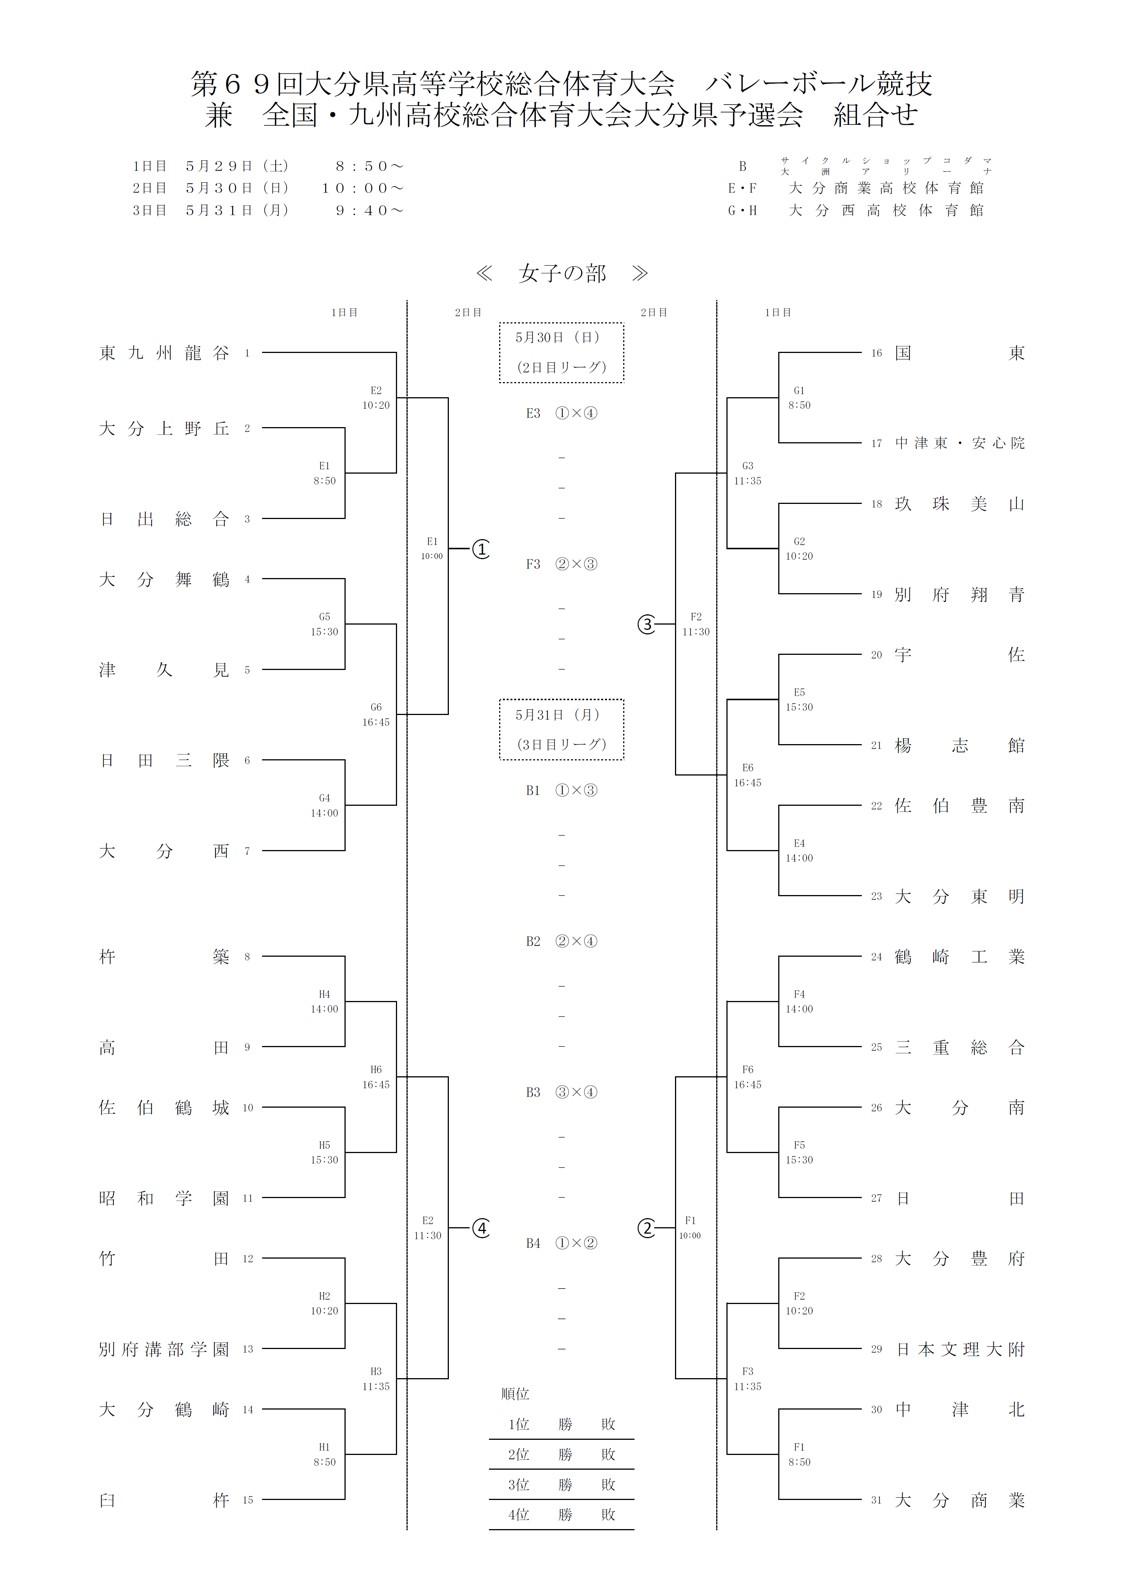 2021年度_インターハイ予選_福岡県予選_女子_組合せ